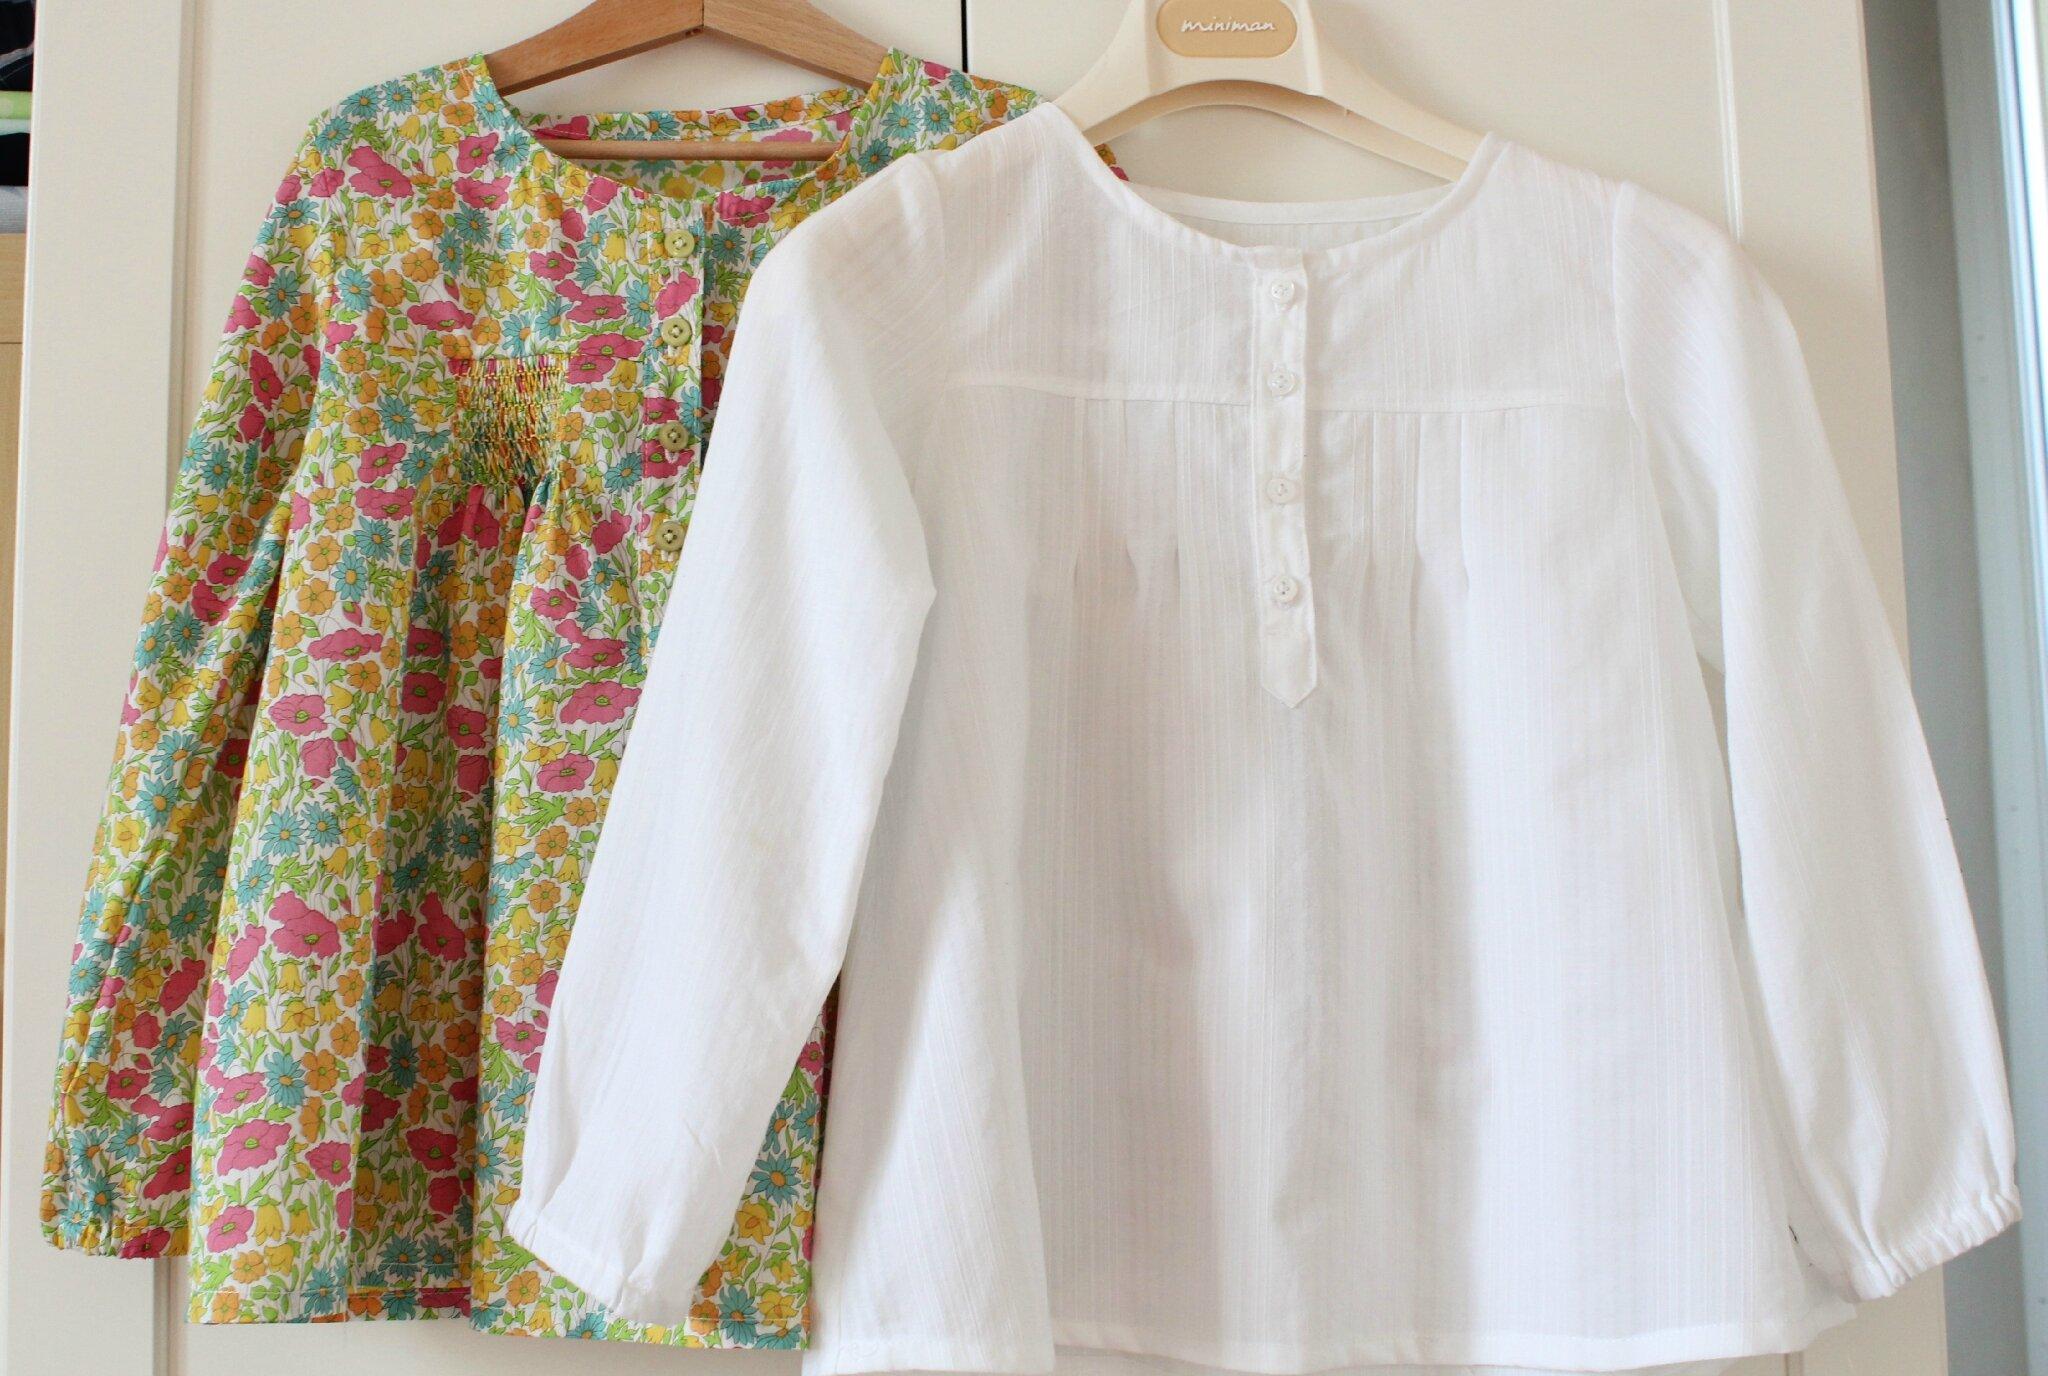 3 petites blouses